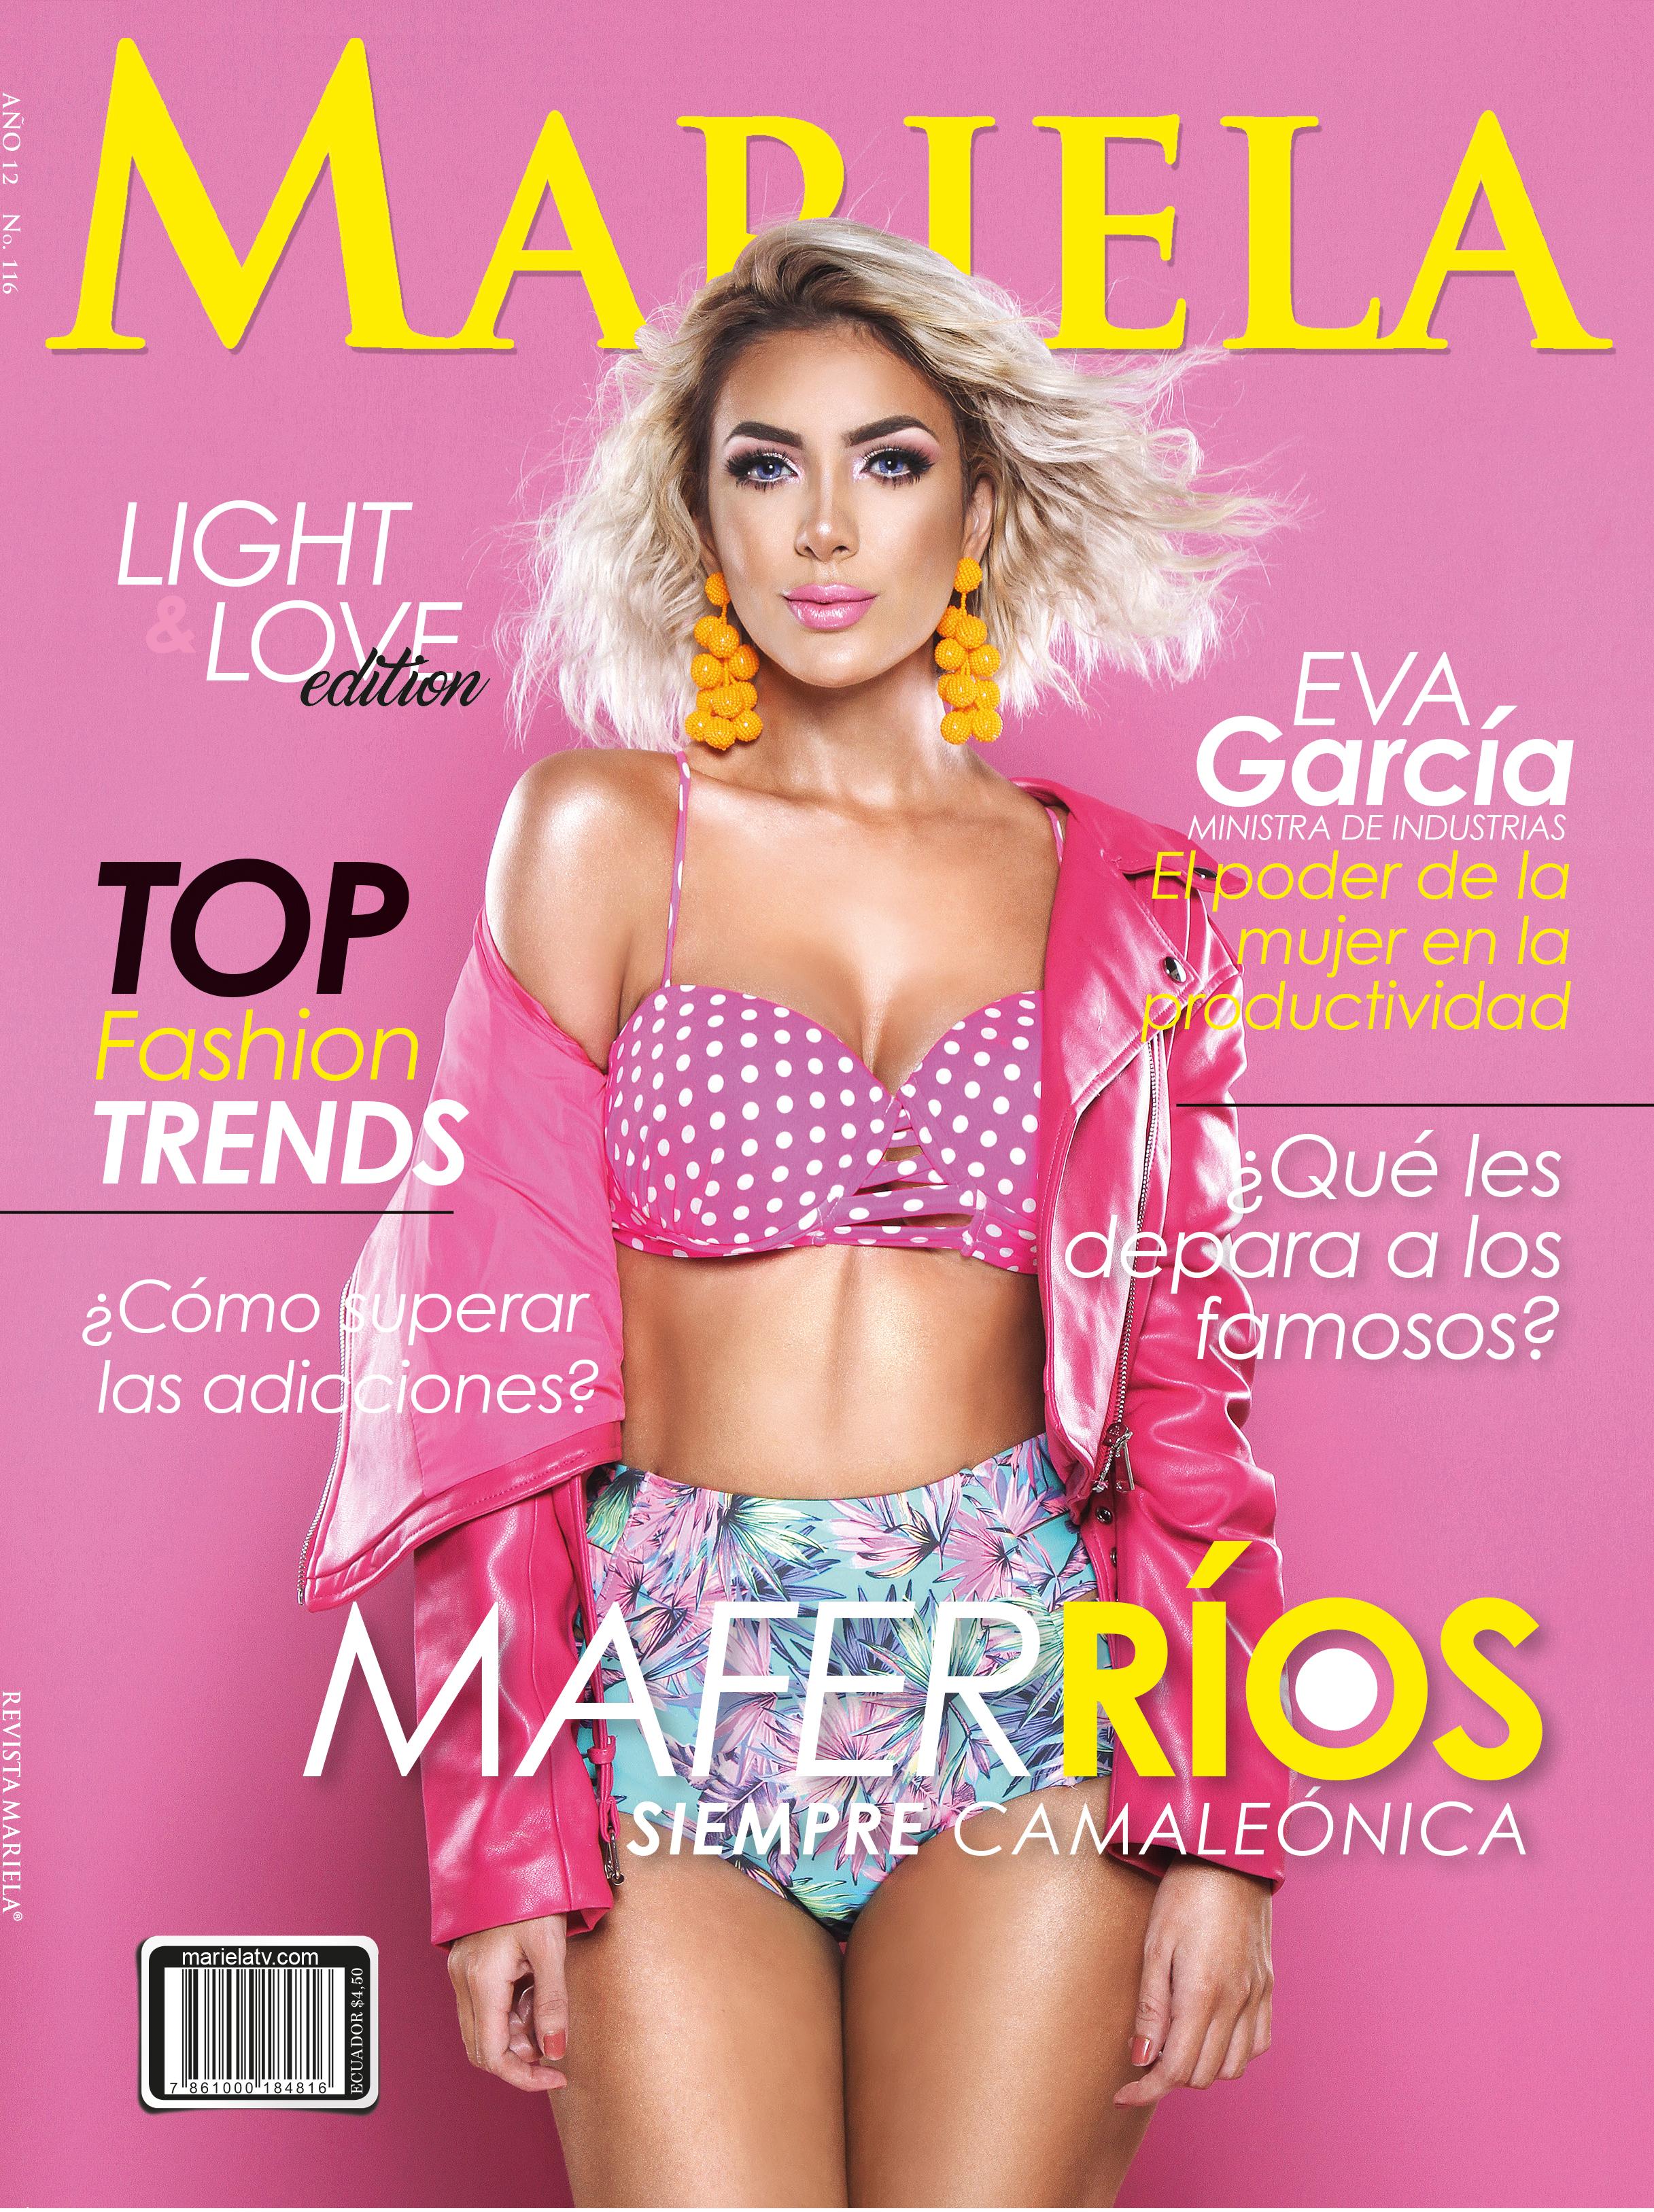 Revista Mariela – Edición 116